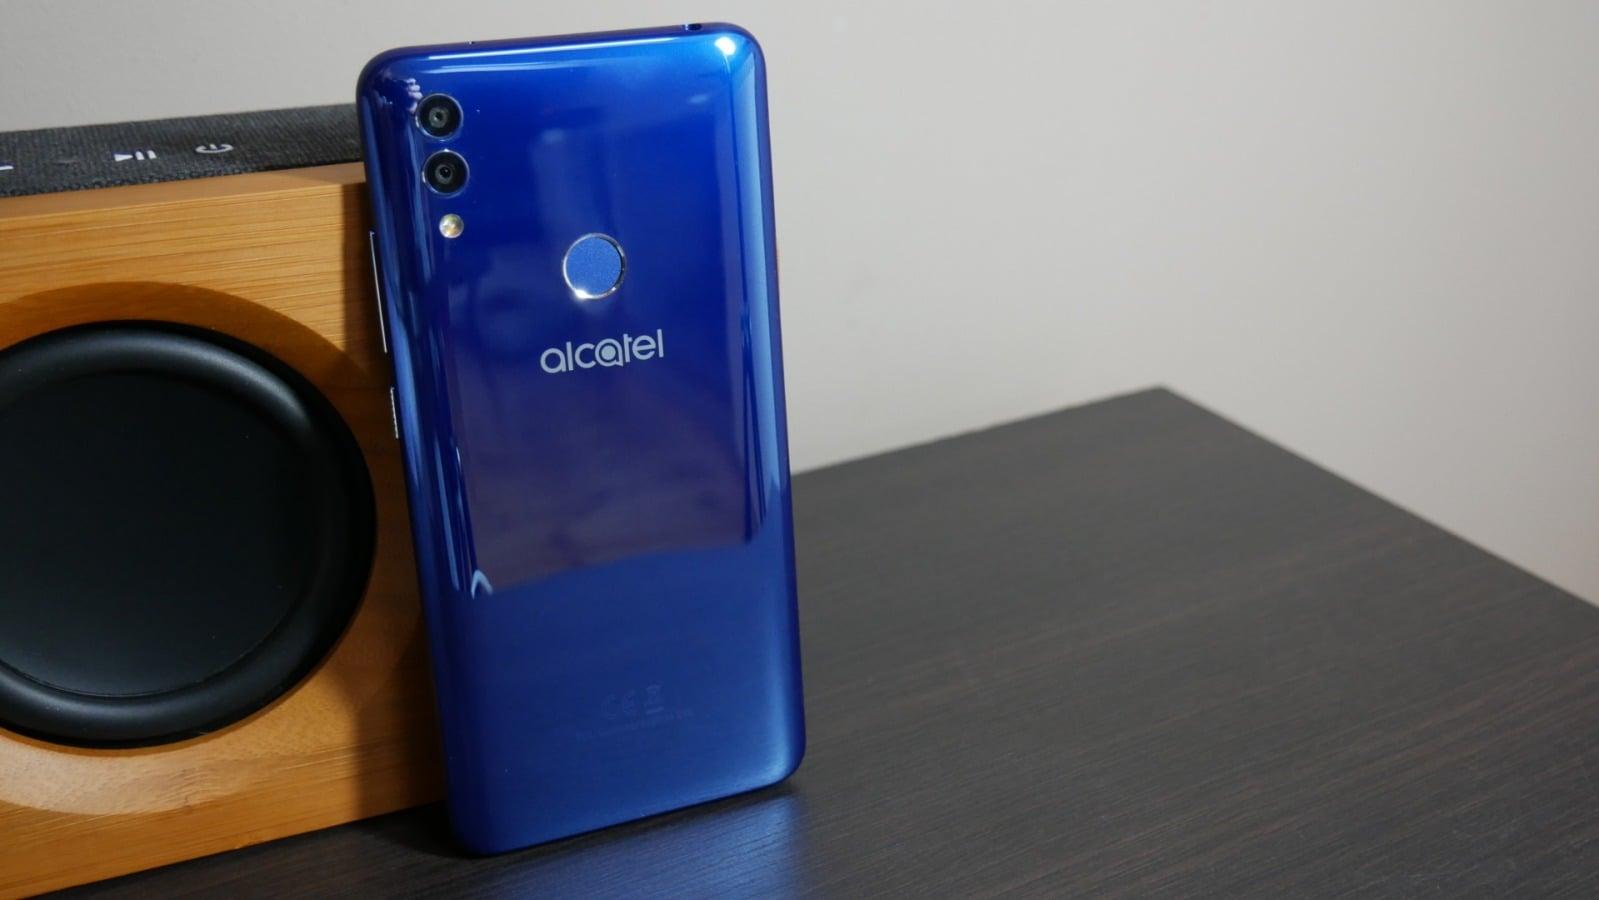 Recenzja Alcatel 5V - nieprzyzwoicie dobrego budżetowca, zawstydzającego niejednego droższego smartfona 22